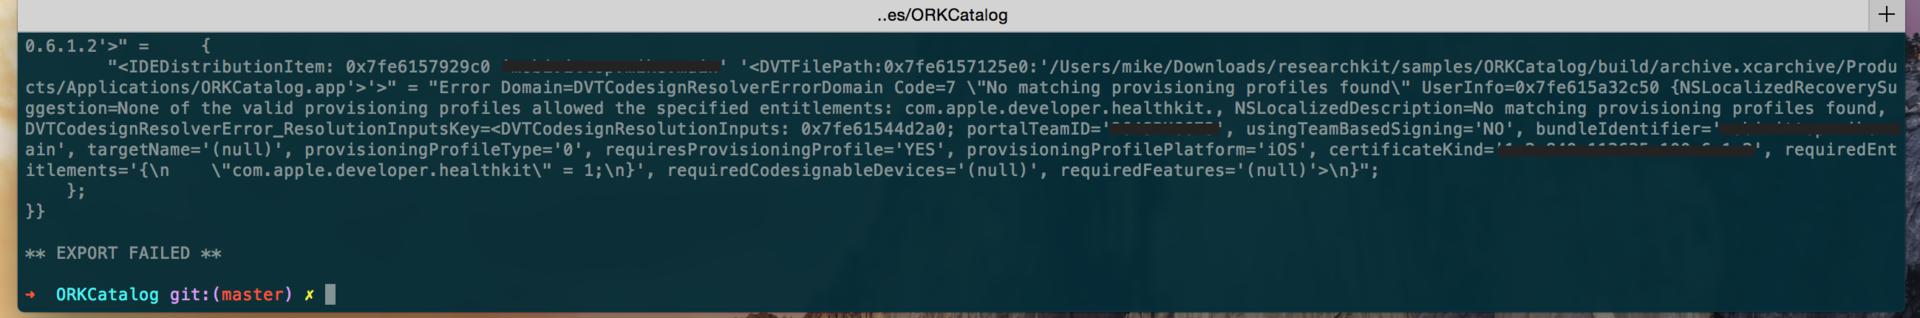 Запускаем iOS приложения из консоли на девайсе и симуляторе / Хабр